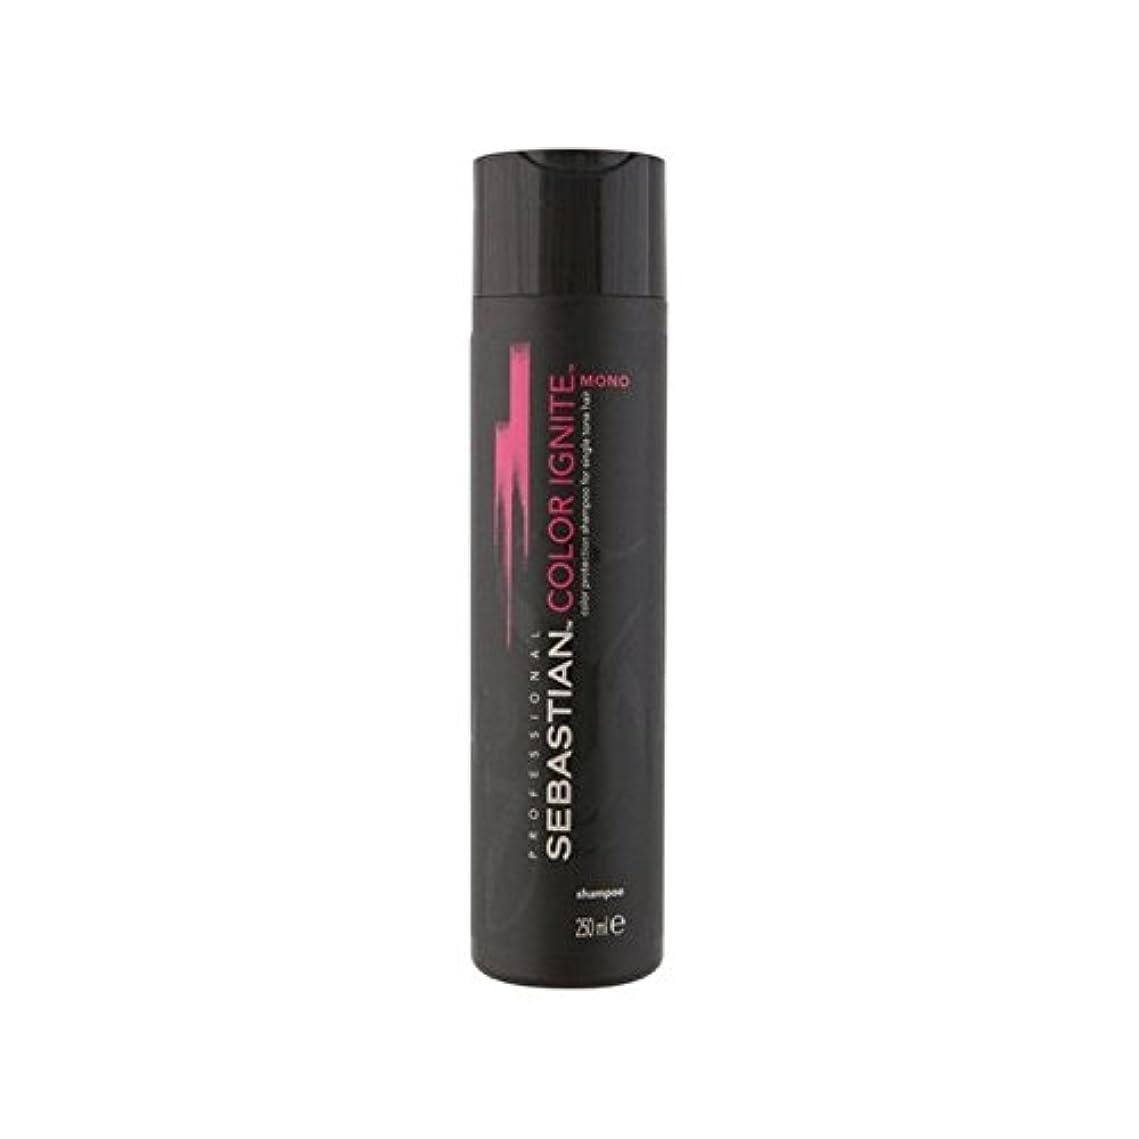 パイプライン存在脳Sebastian Professional Color Ignite Mono Shampoo (250ml) - セバスチャンプロのカラーにモノシャンプー(250ミリリットル) [並行輸入品]